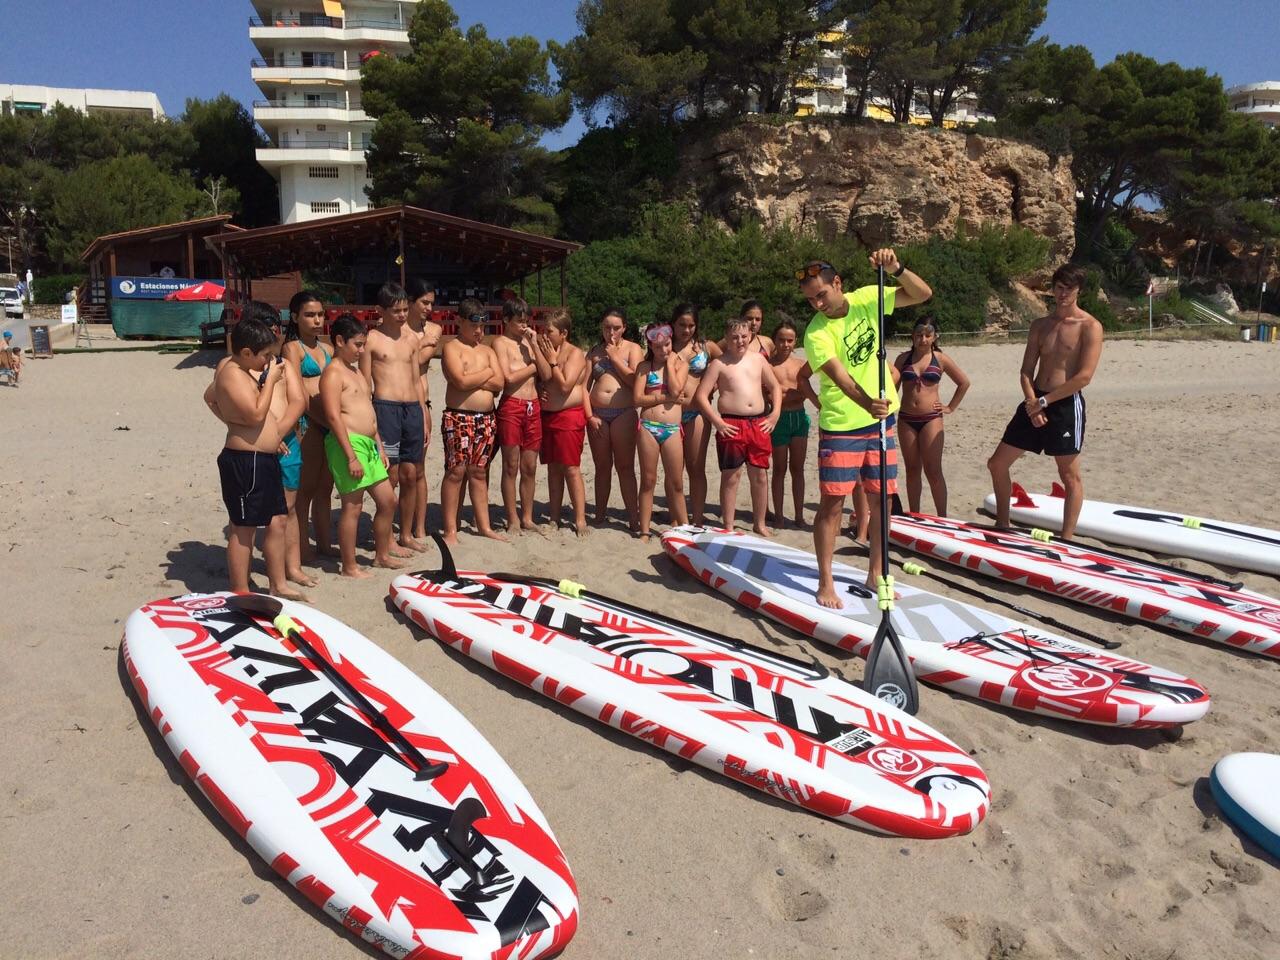 El paddle surf és una de els activitats esportives que s'ofereixen